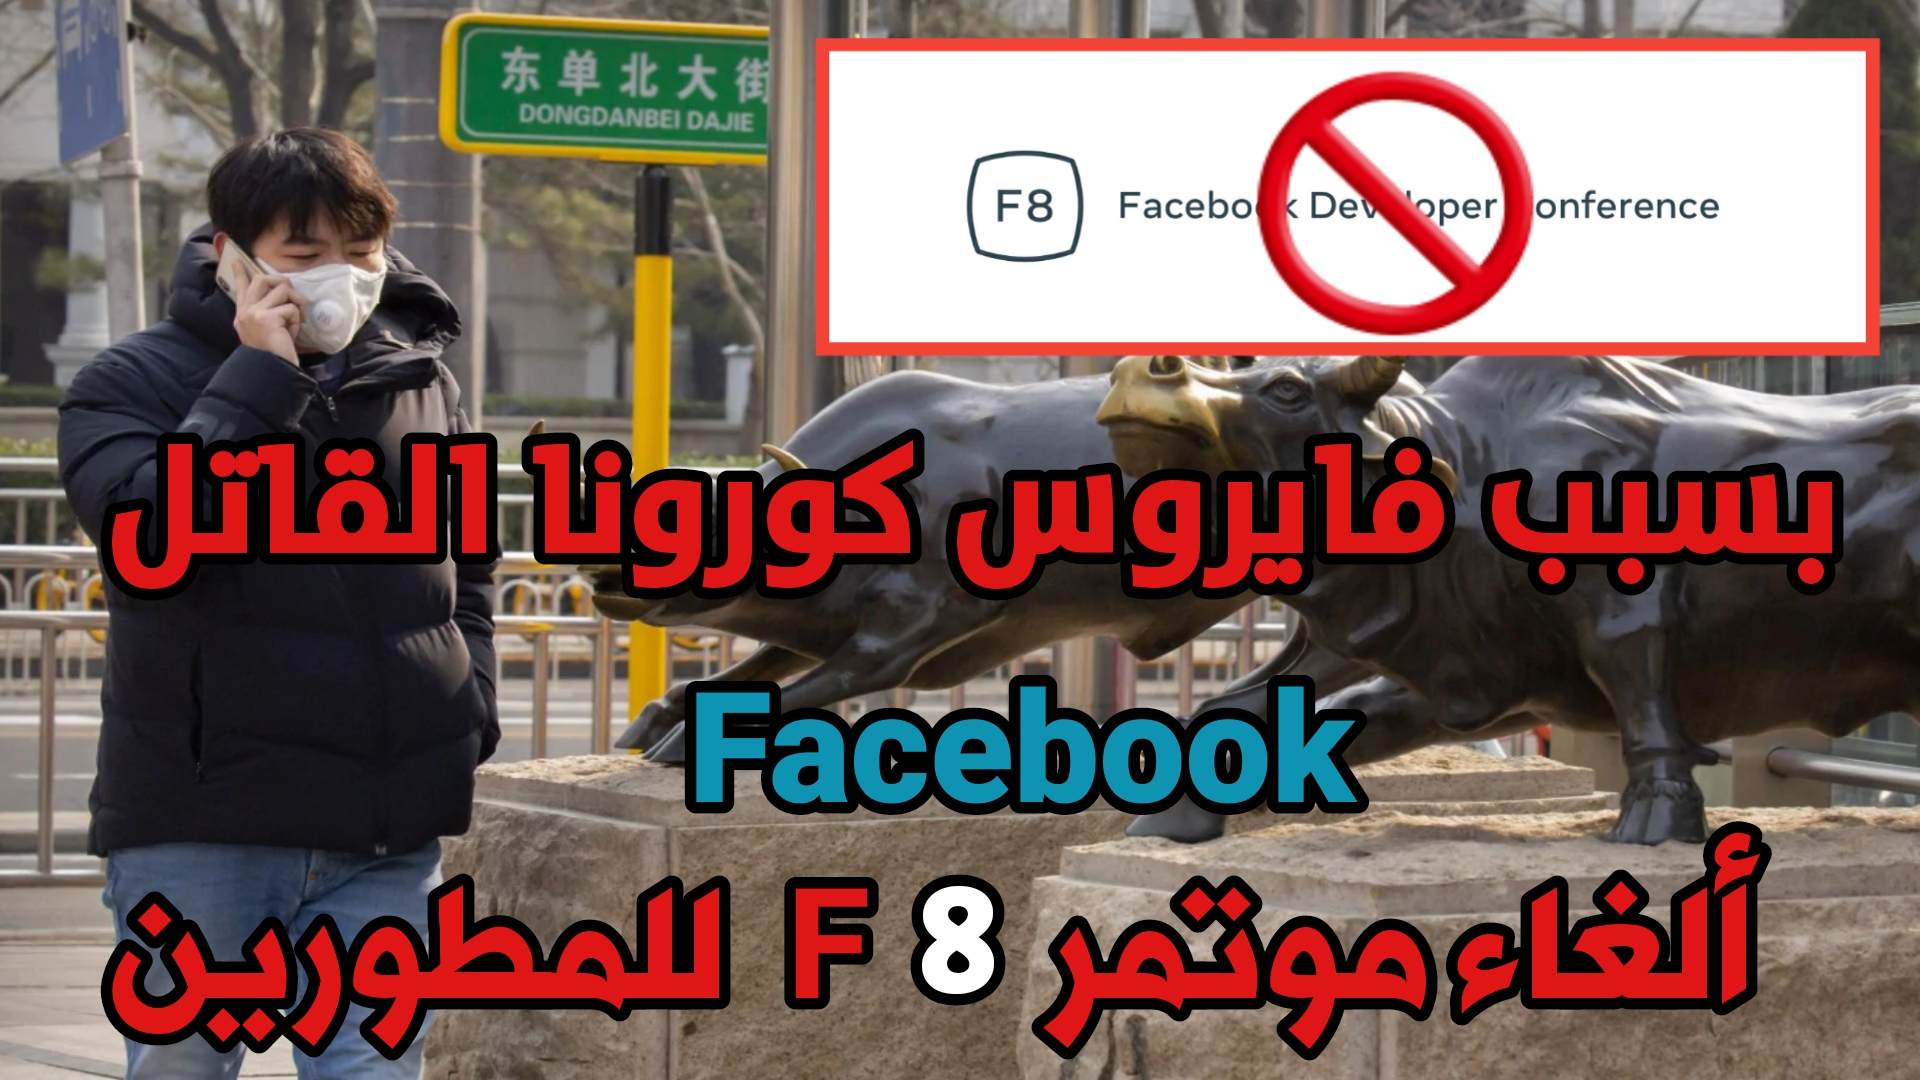 فيسبوك : ألغاء مؤتمر F8 للمطورين هذا العام والسبب فايروس كورونا القاتل